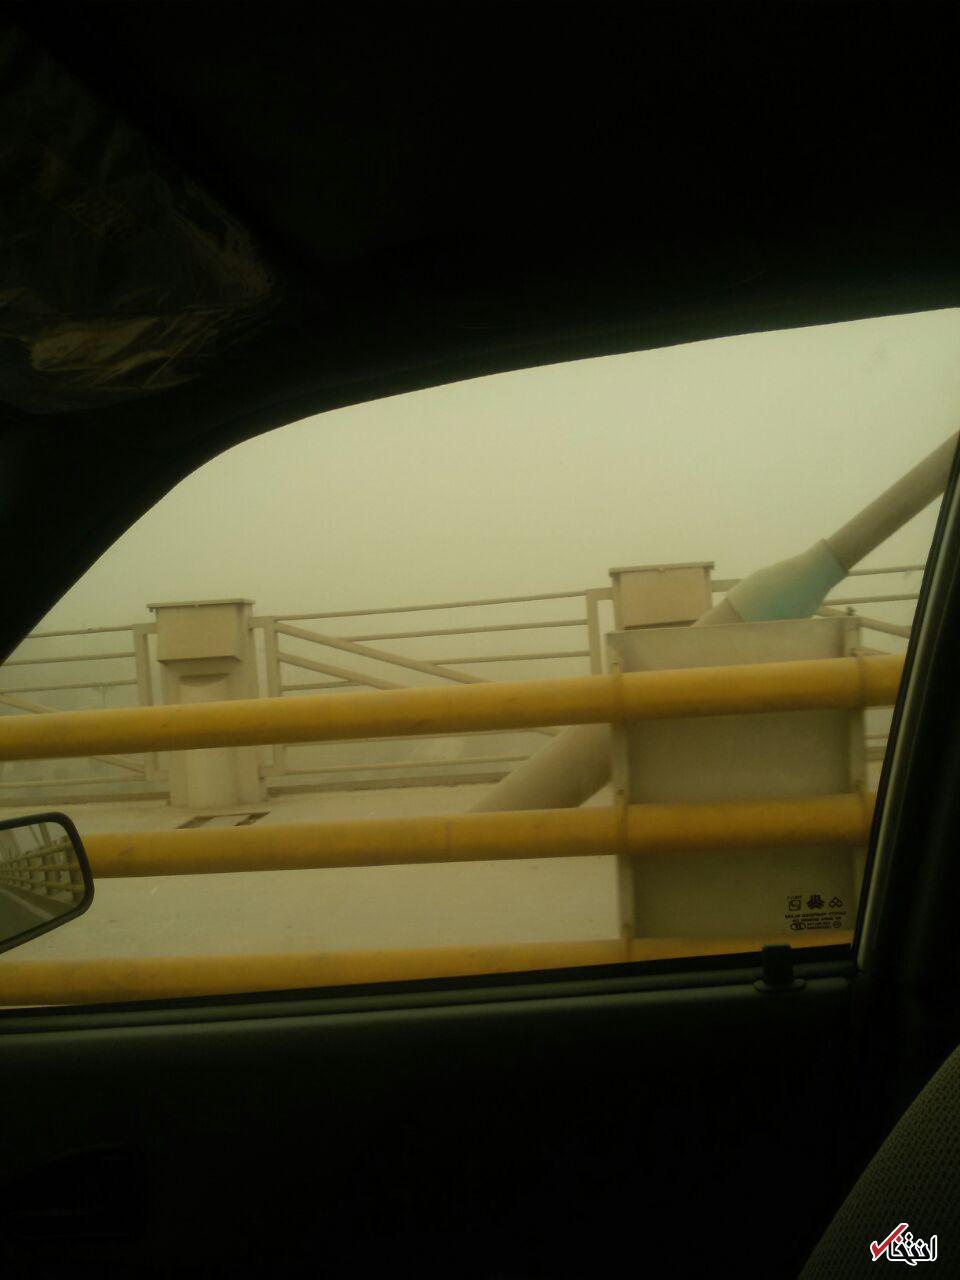 غلظت گردوغبار در اهواز به 57 برابر حد مجاز رسید +تصاویر / چرا هیچ مسئولی به فکر نیست؟